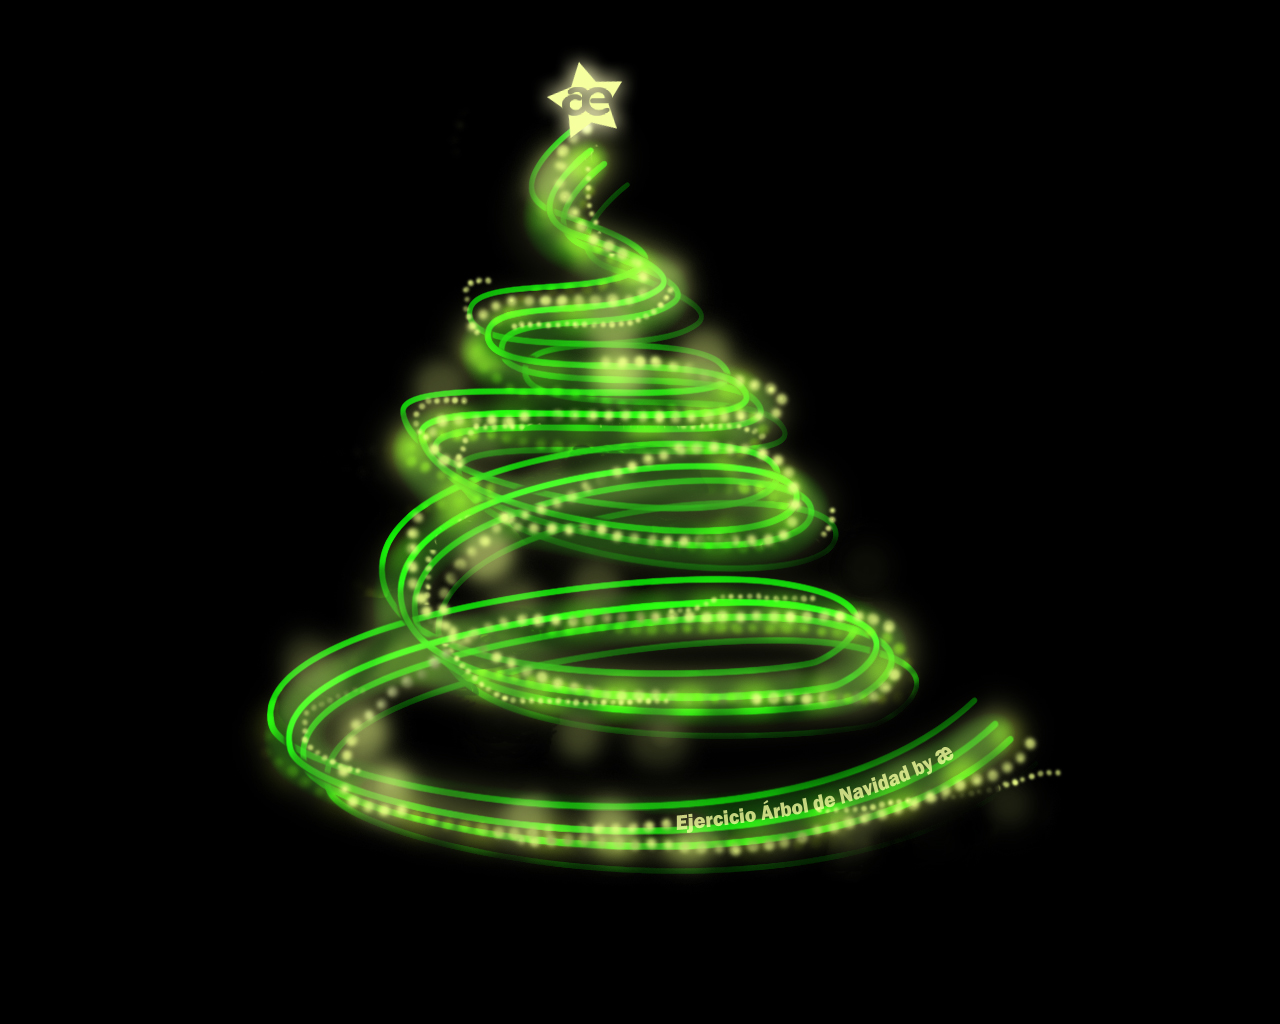 Curso de dise o gr fico ejercicio rbol de navidad - Arbol de navidad diseno ...